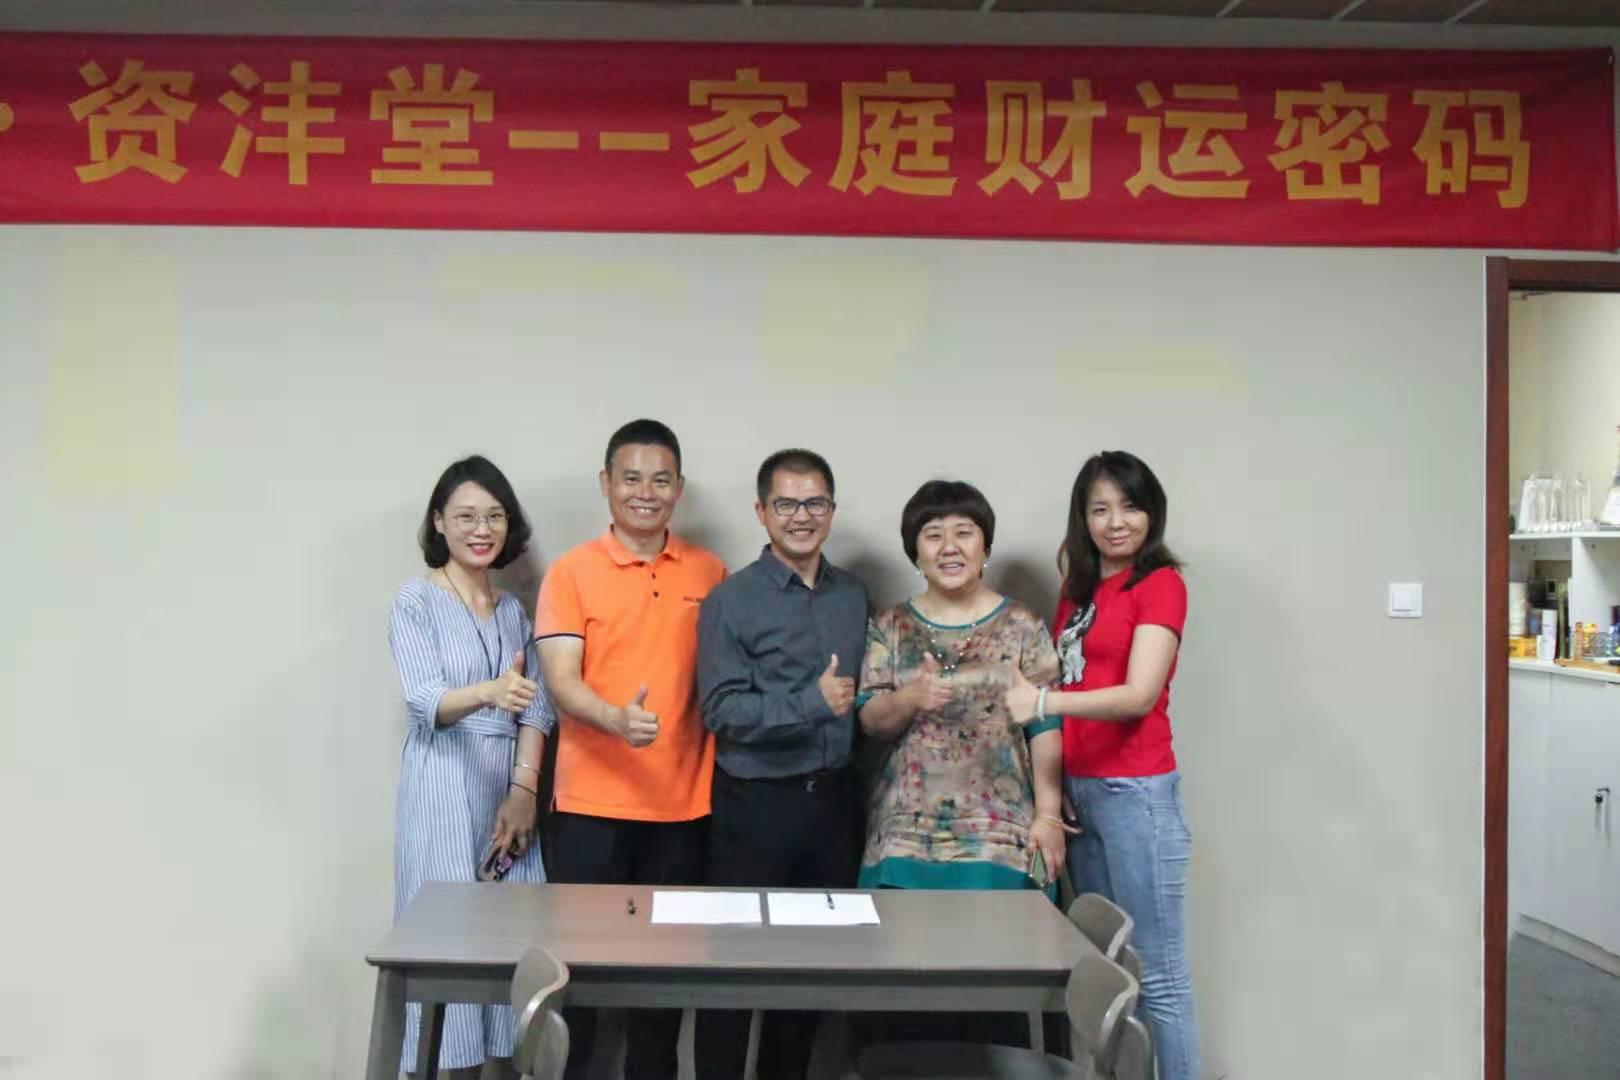 祝贺签约——徐正国老师新书即将出版发行?